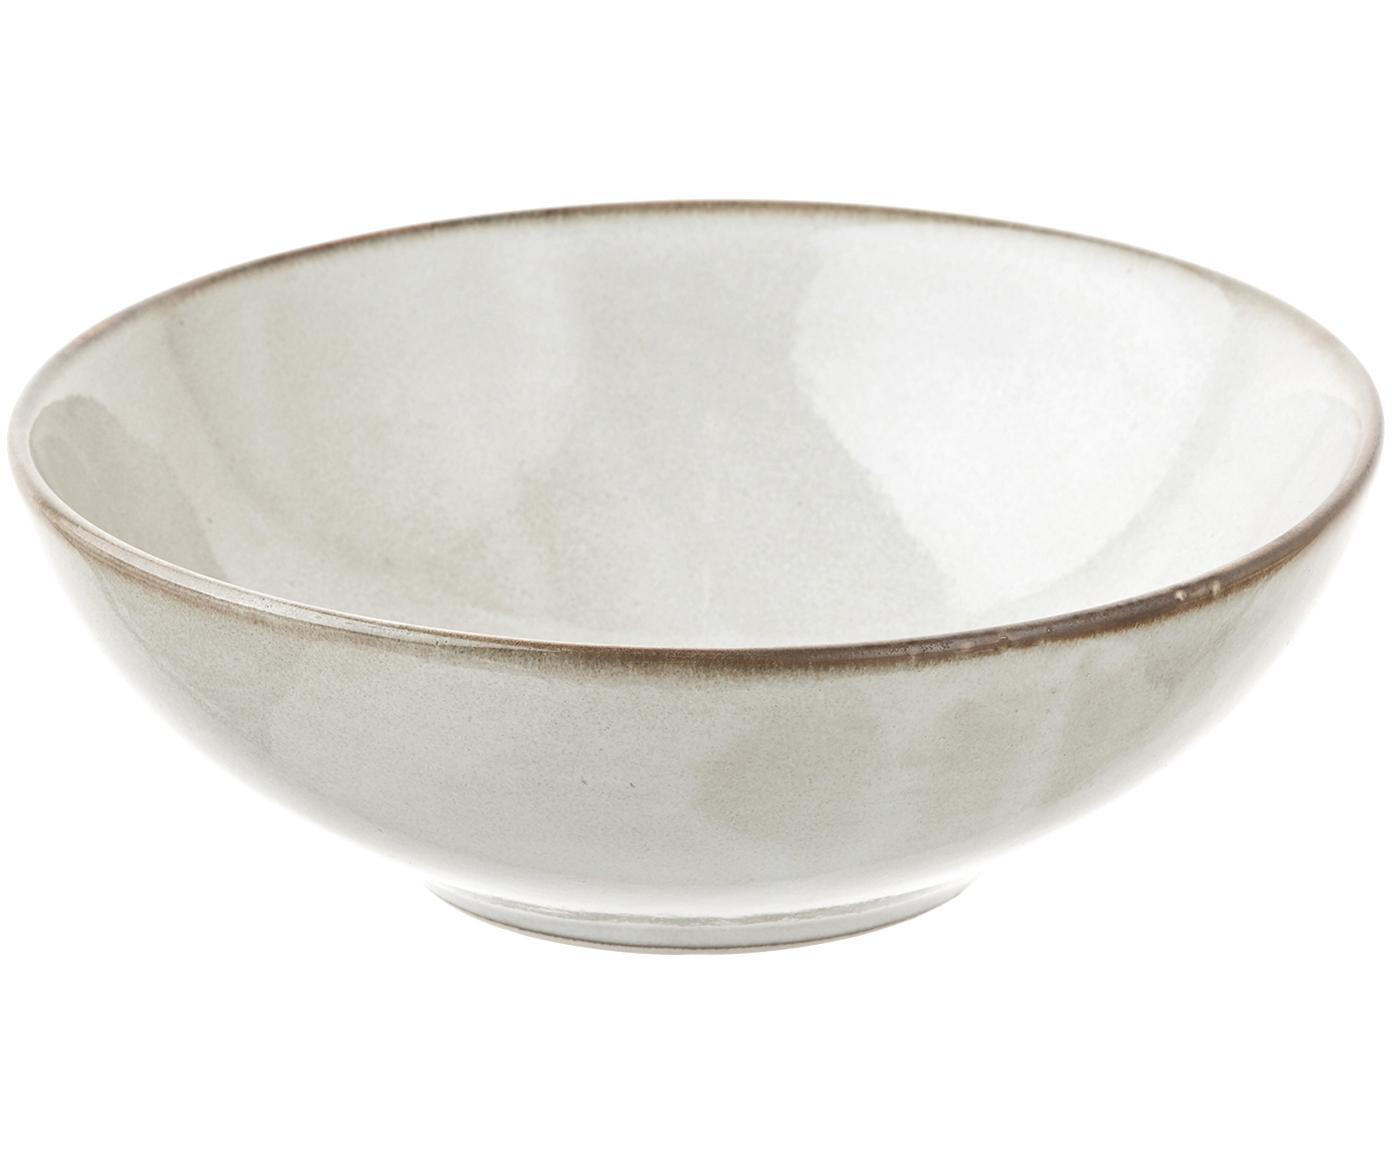 Handgemachte Suppenteller Thalia in Beige, 2 Stück, Steinzeug, Beige, Ø 18 x H 6 cm